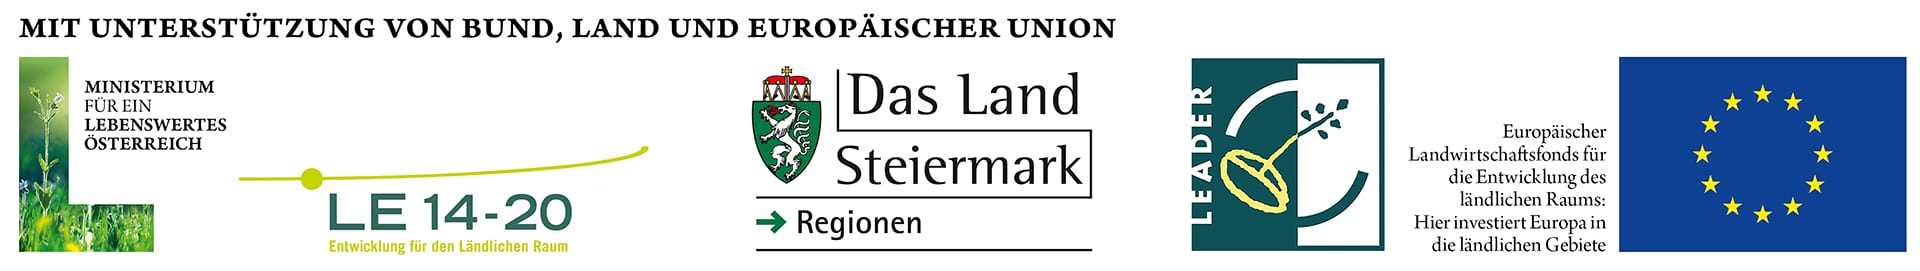 Logoleiste von Bund